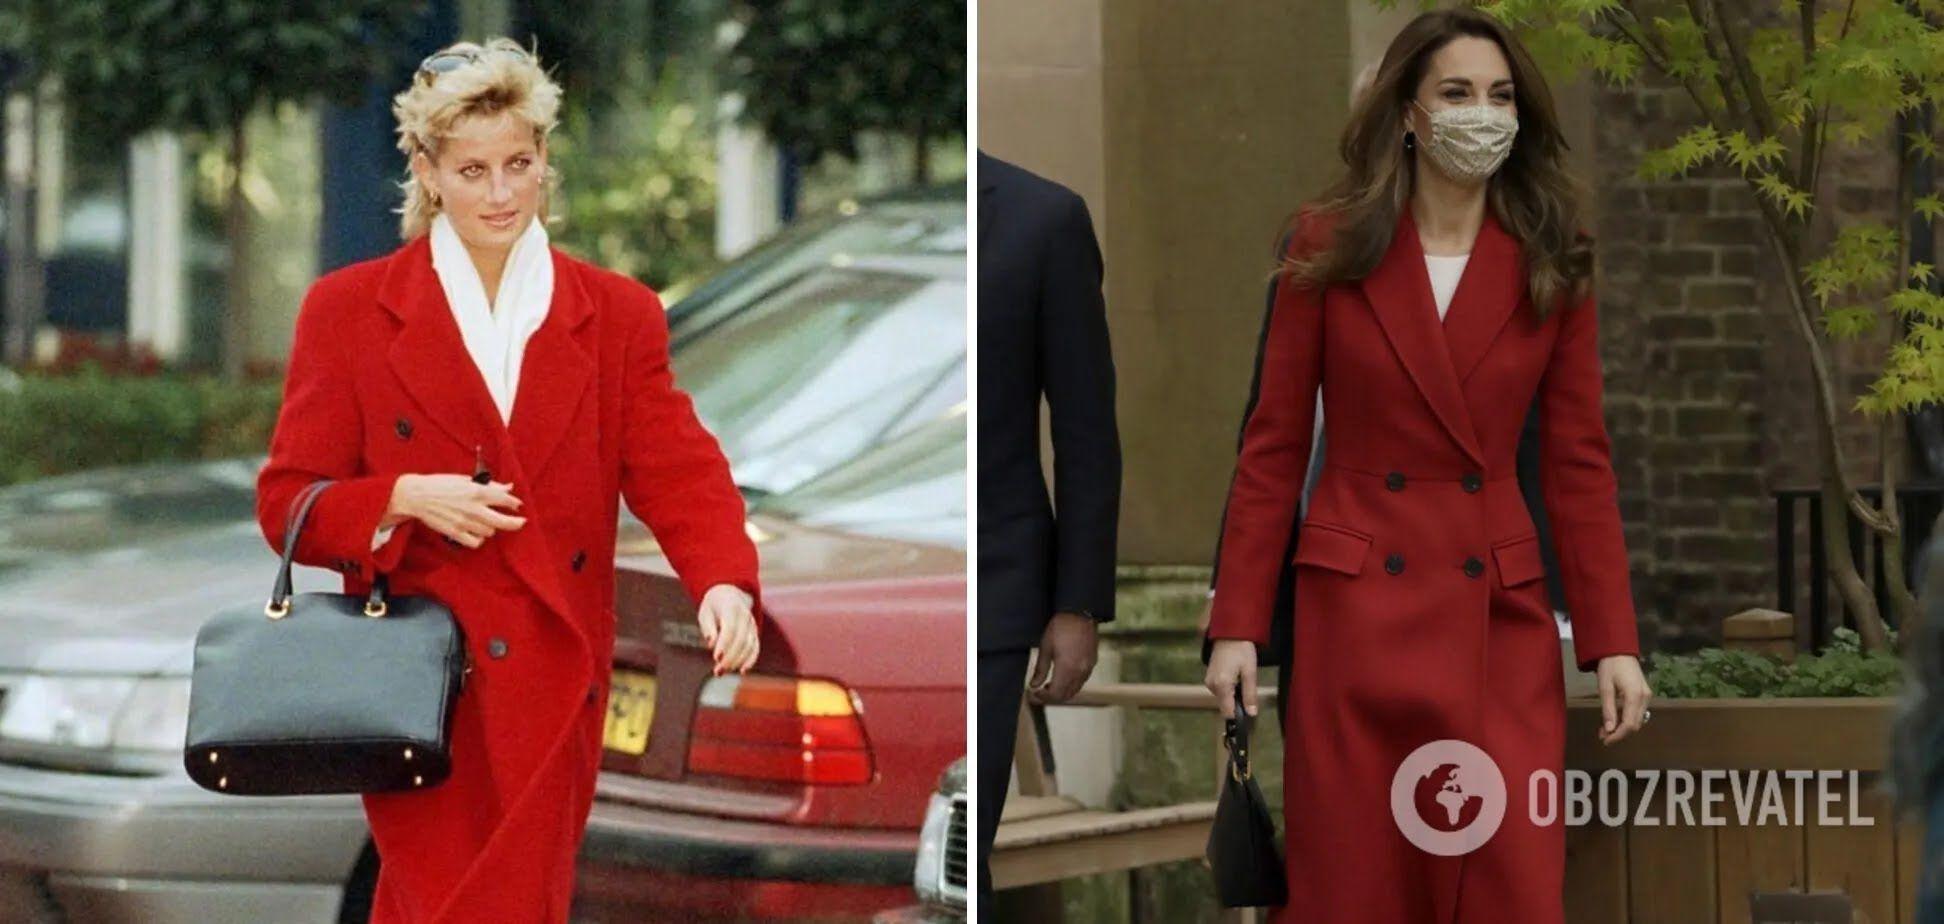 Принцеса Діана і Кейт Міддлтон в червоних пальто і білих блузах.